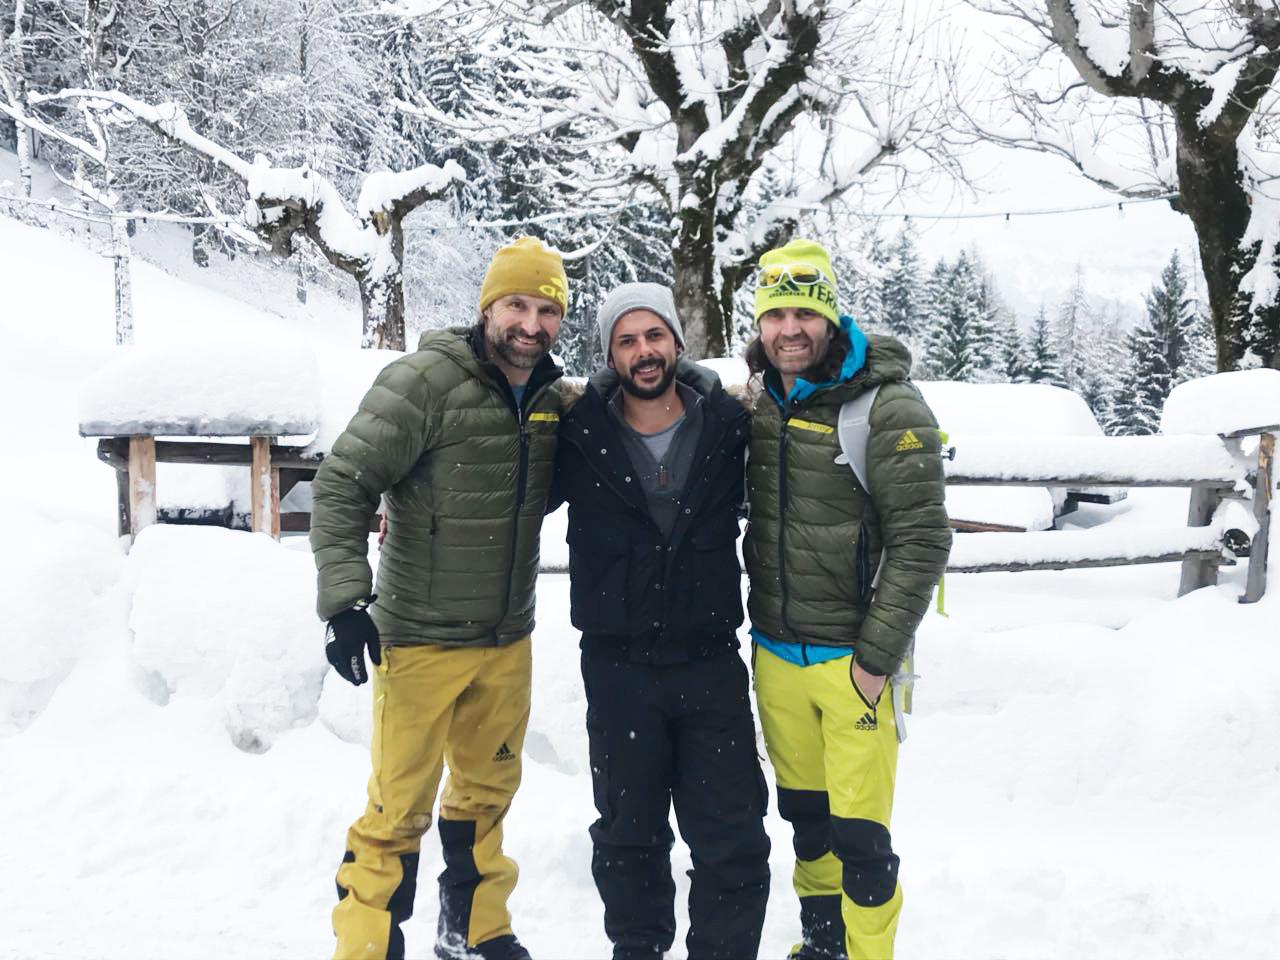 Wochenende und Schneeschuhwanderung mit den Huberbuam